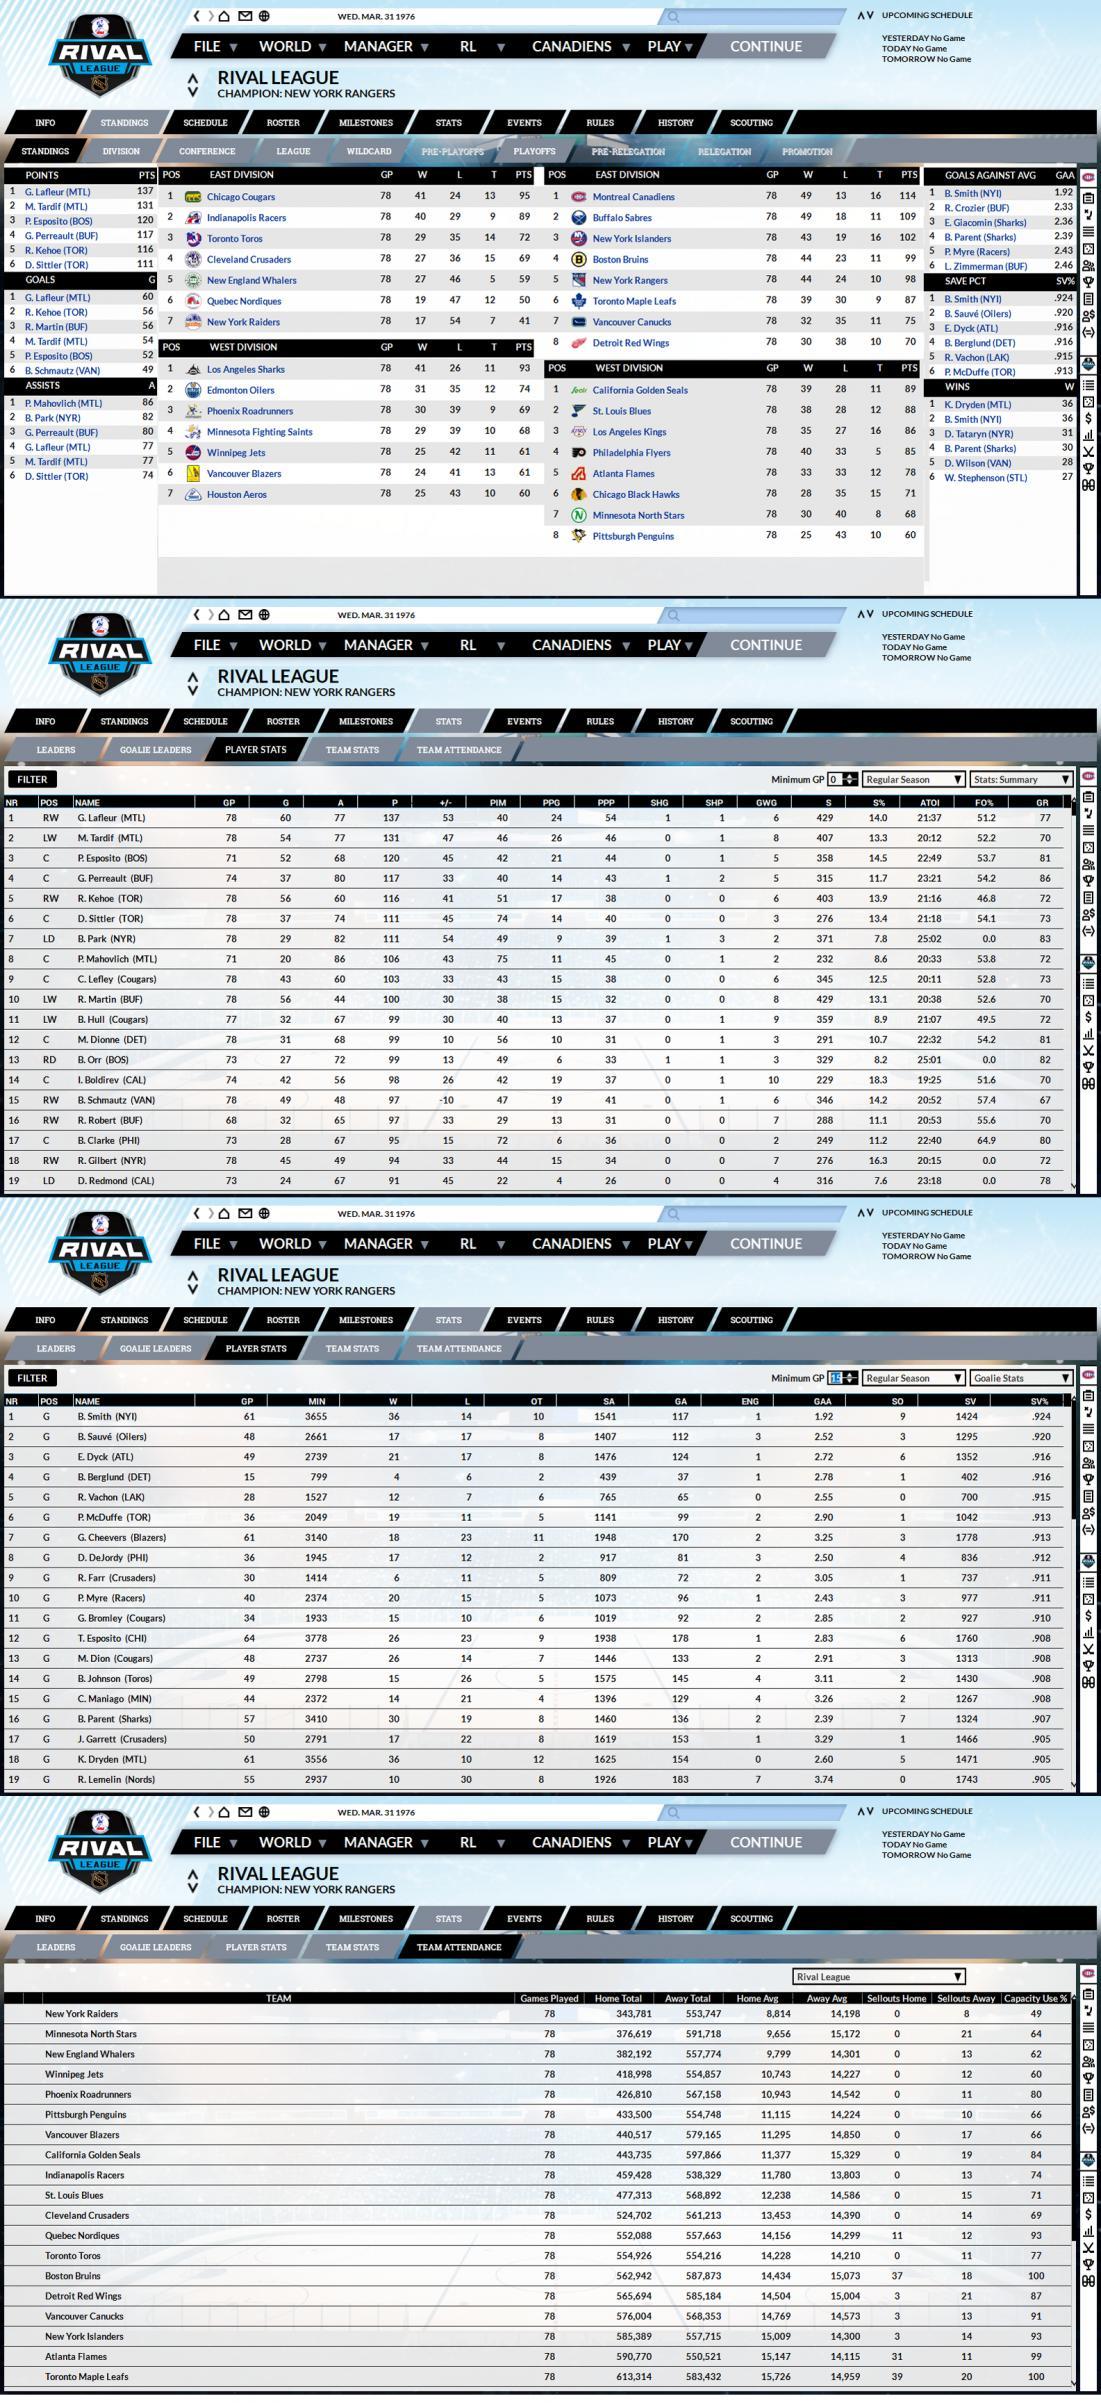 Name:  3. 1975-76 Season Final Stats - The Rival League.jpg Views: 89 Size:  512.1 KB